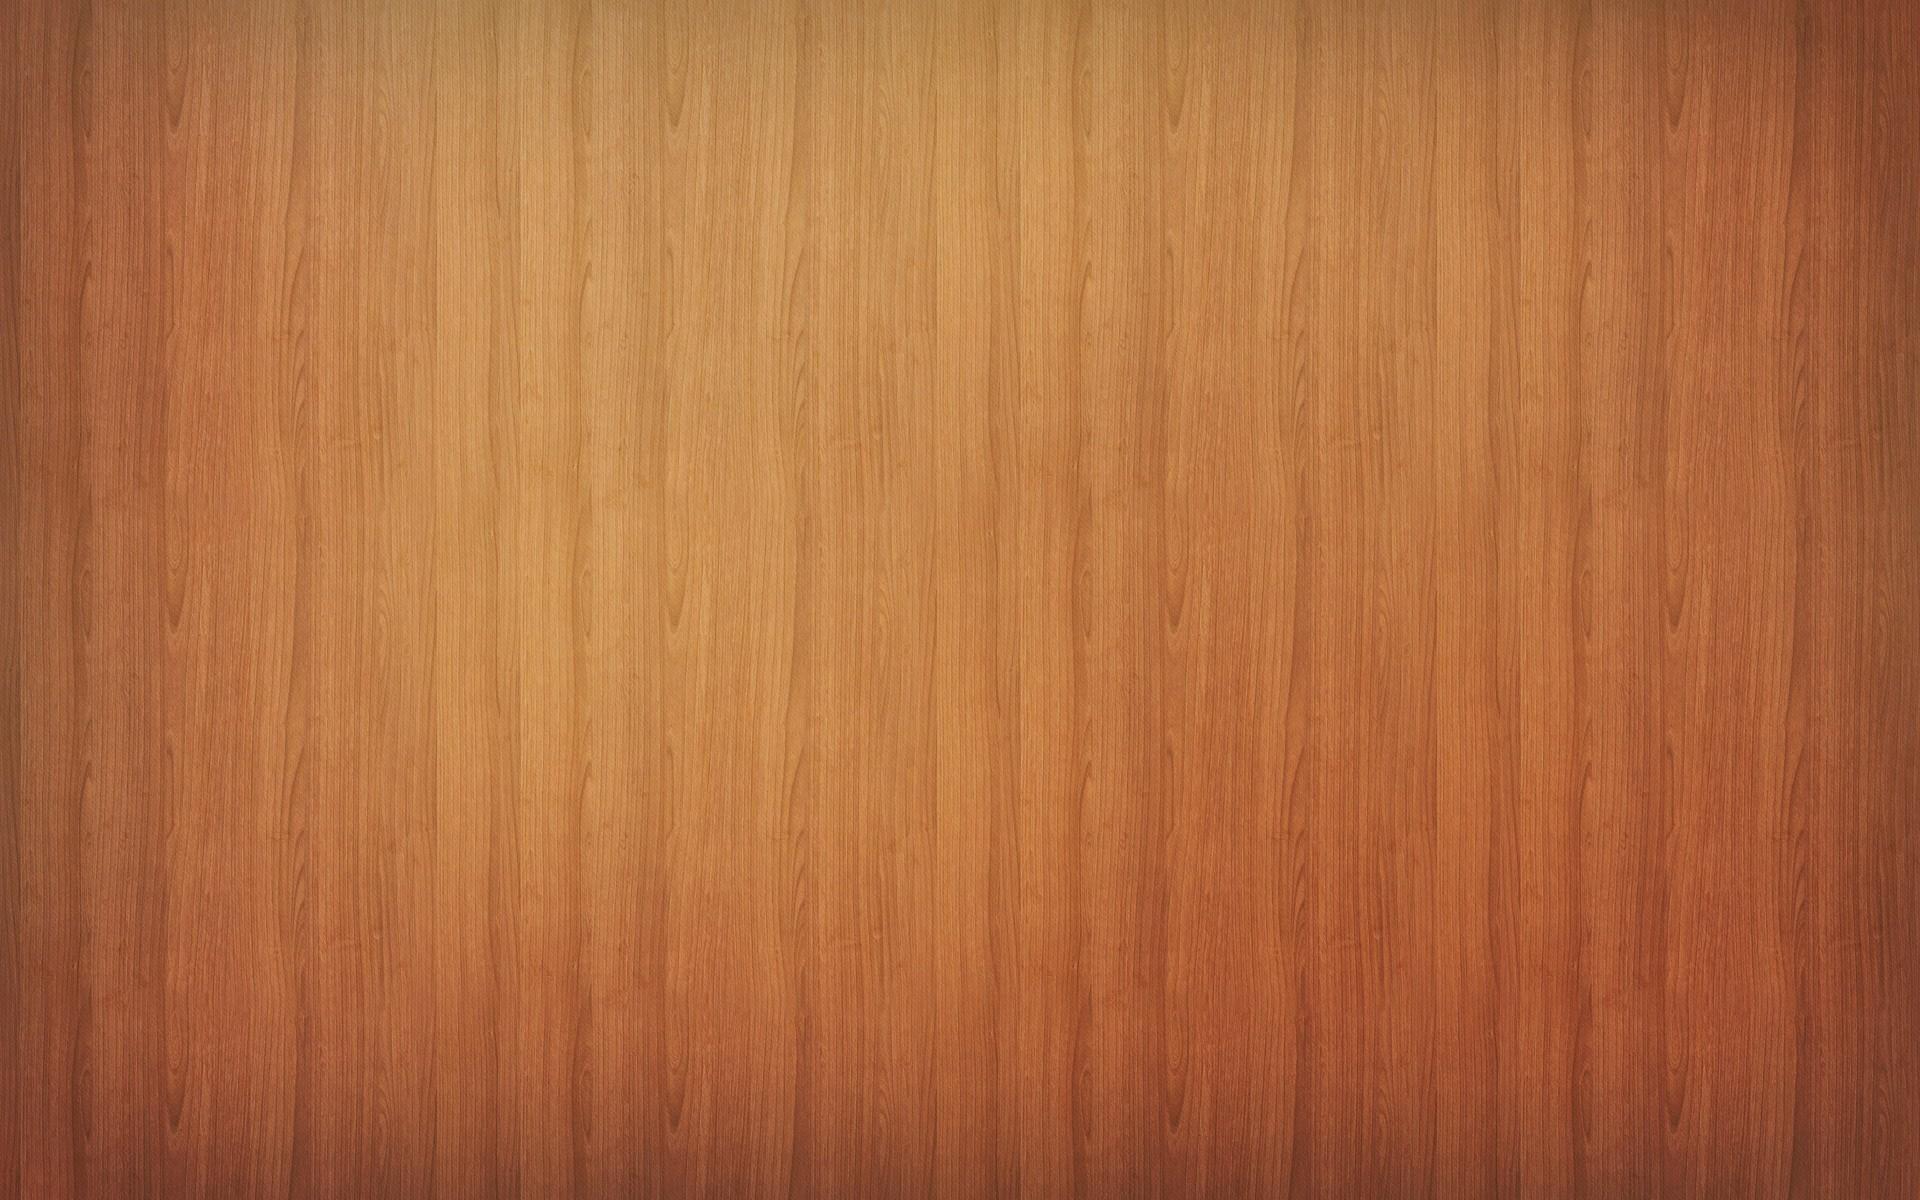 Minimalistic Wood Wallpaper Minimalistic, Wood